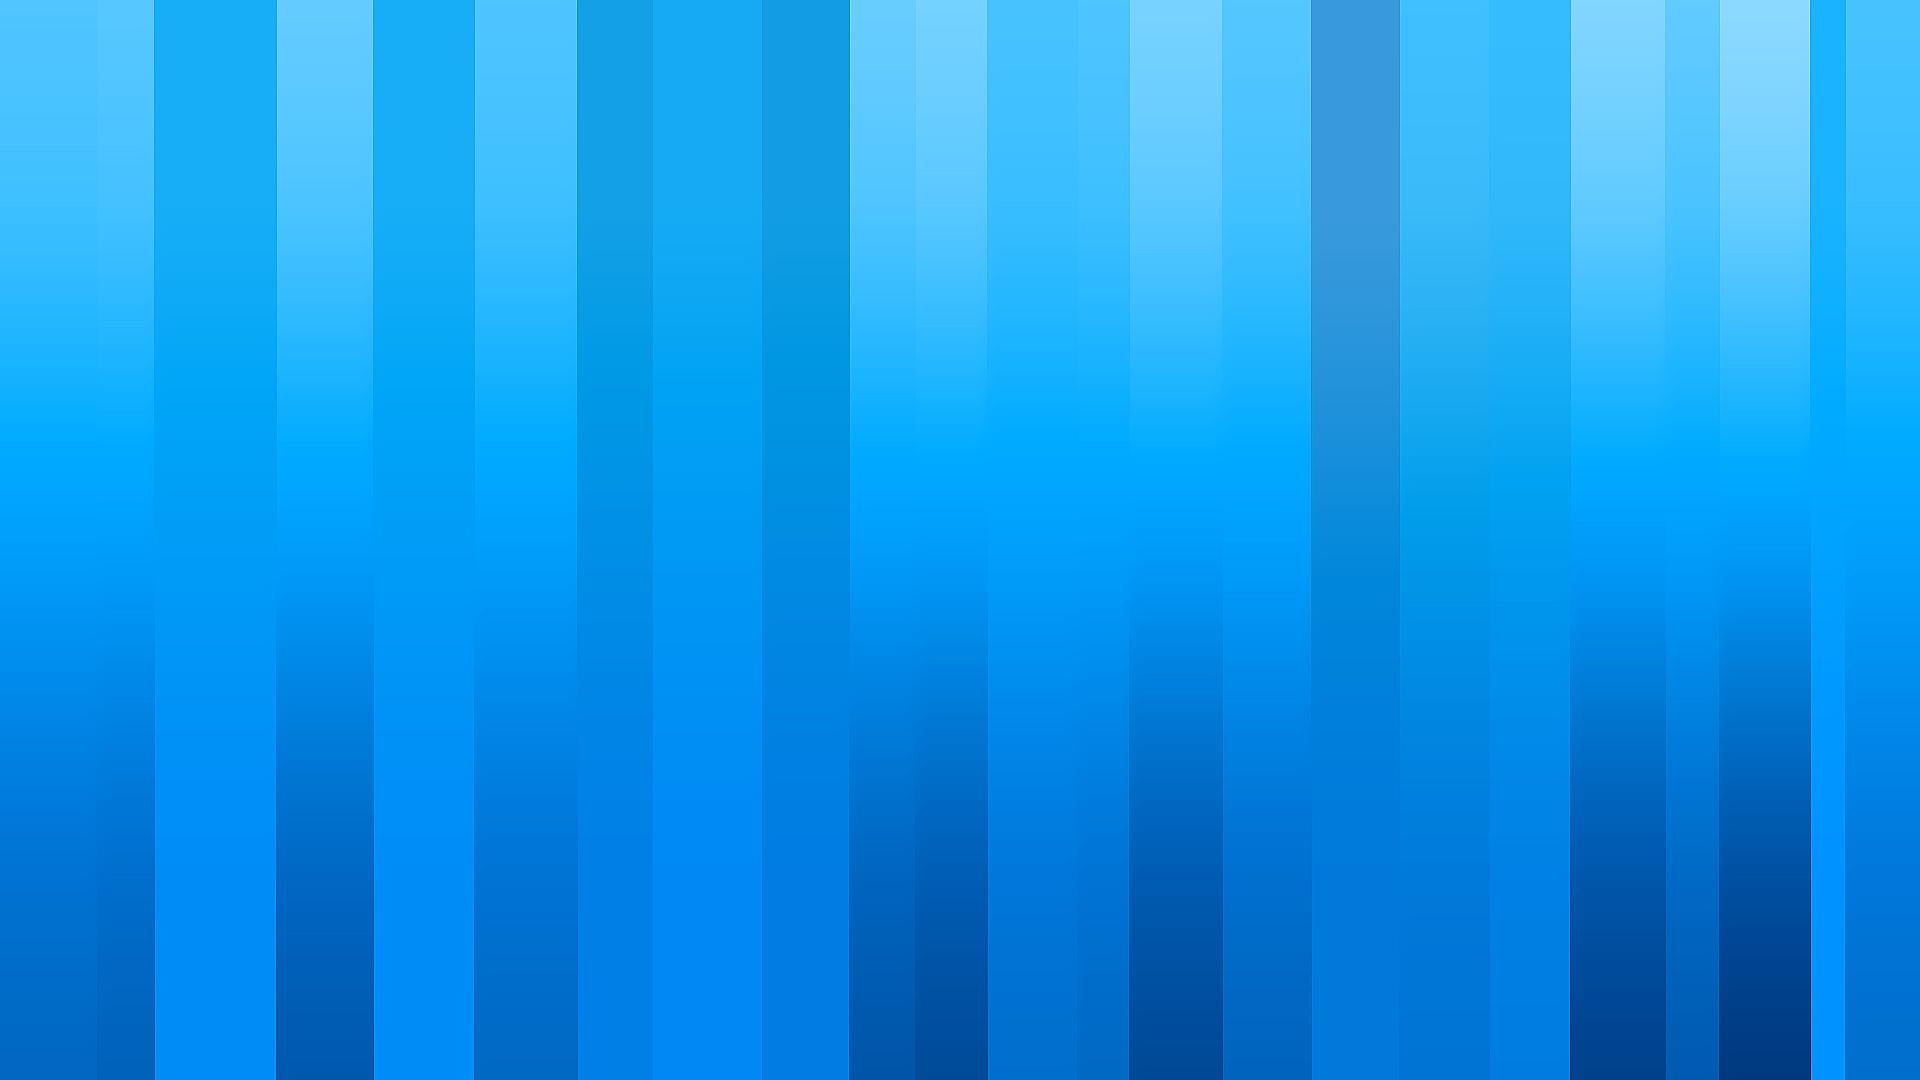 Hình ảnh nền xanh dương